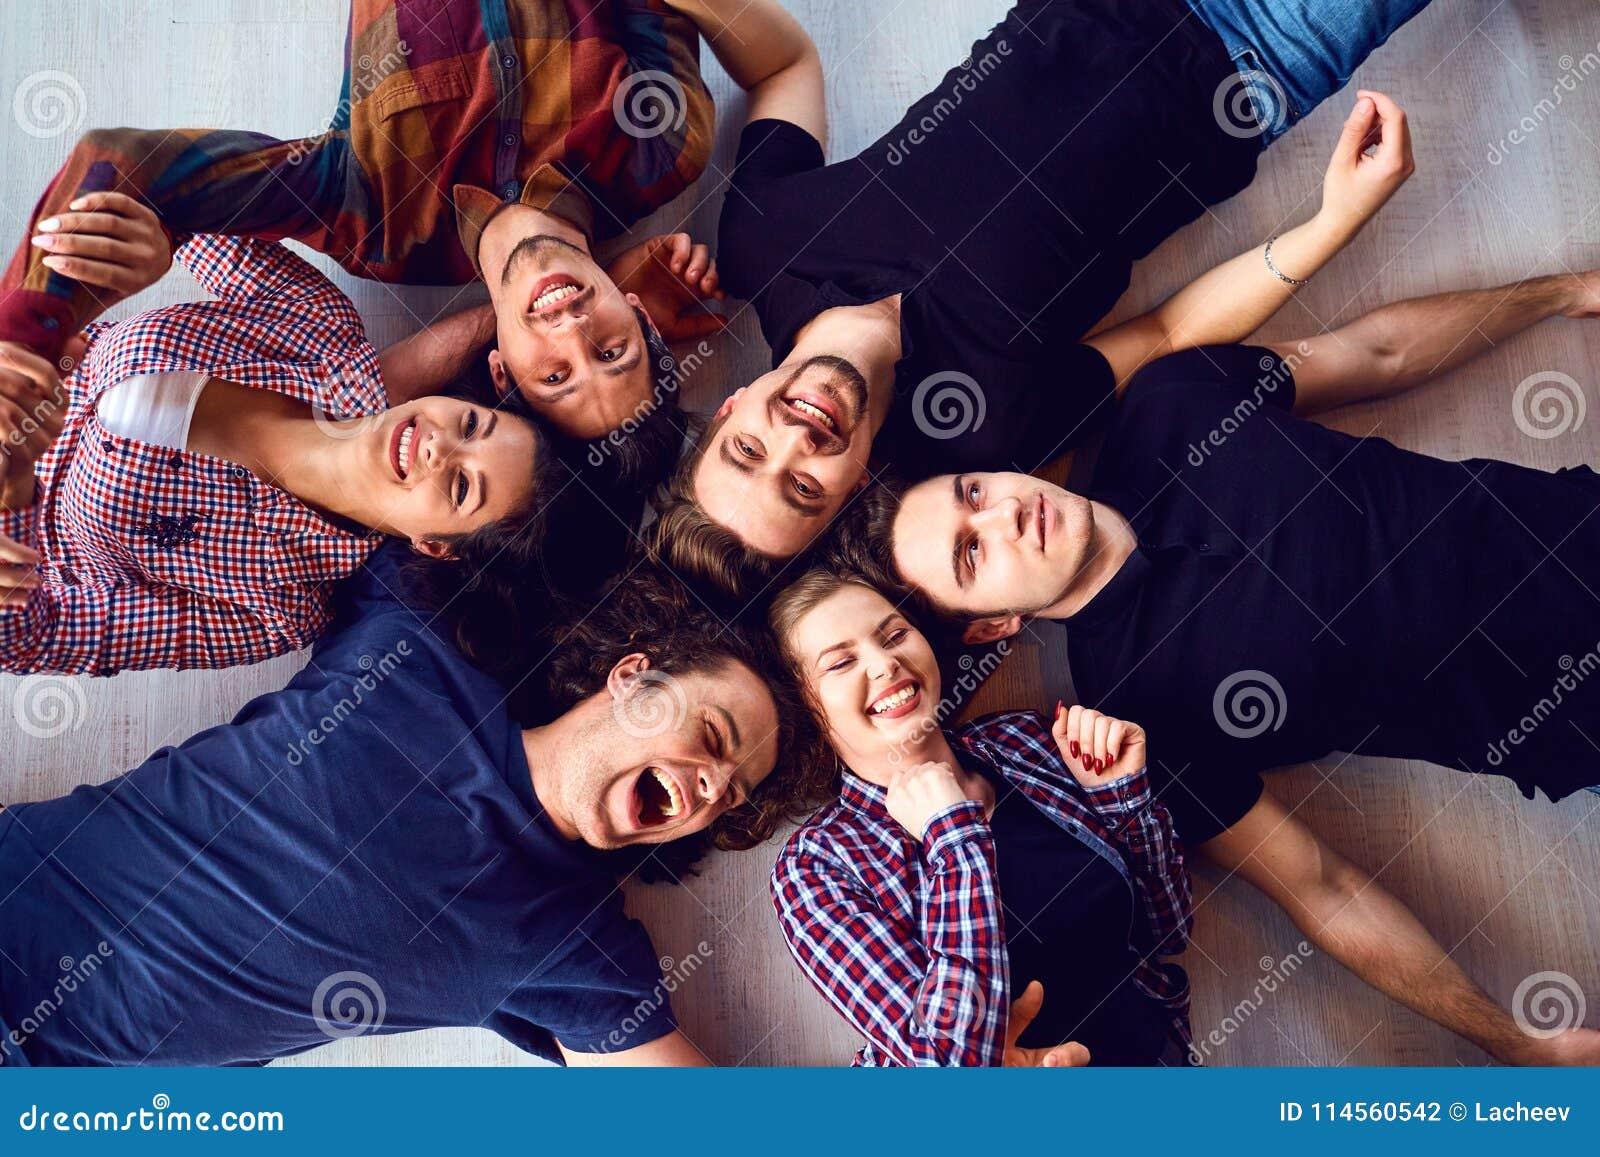 Eine Gruppe Freunde lachen das Lügen auf dem Boden im Raum